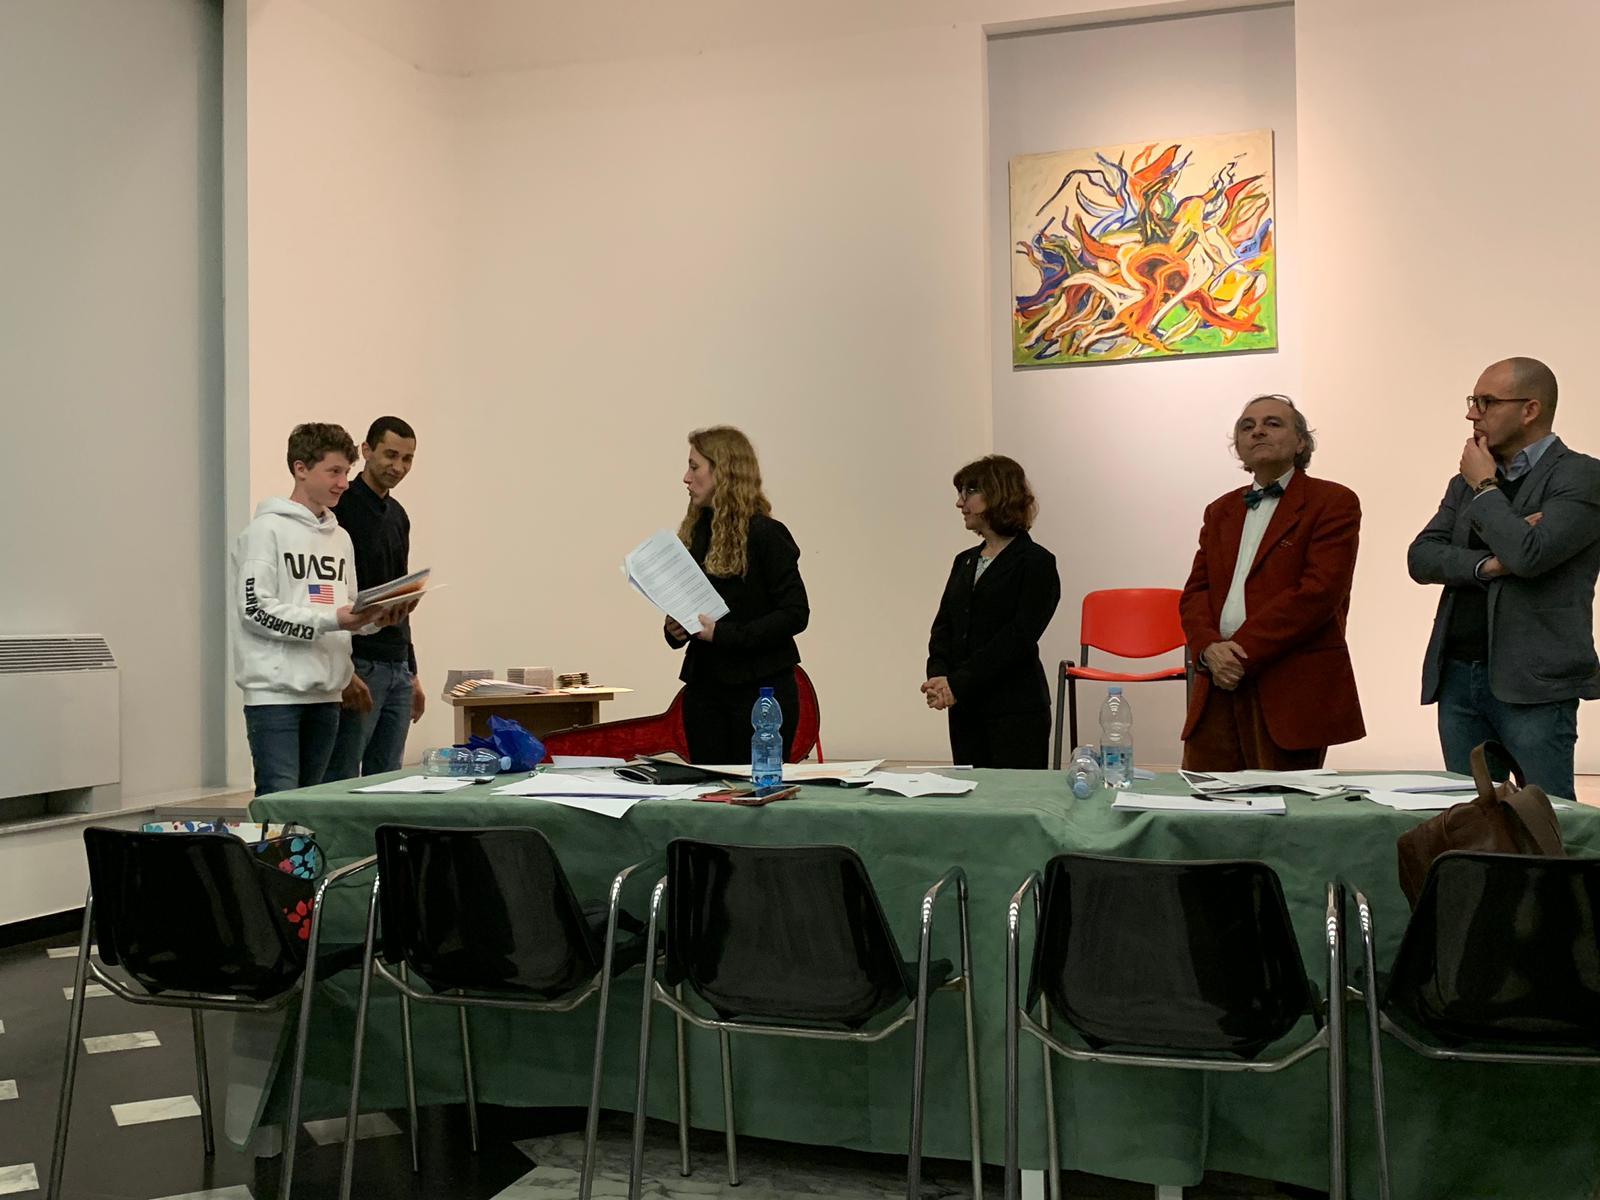 מיכאל מקבל את הפרס באיטליה. צילום: אסתר בוקובסקי